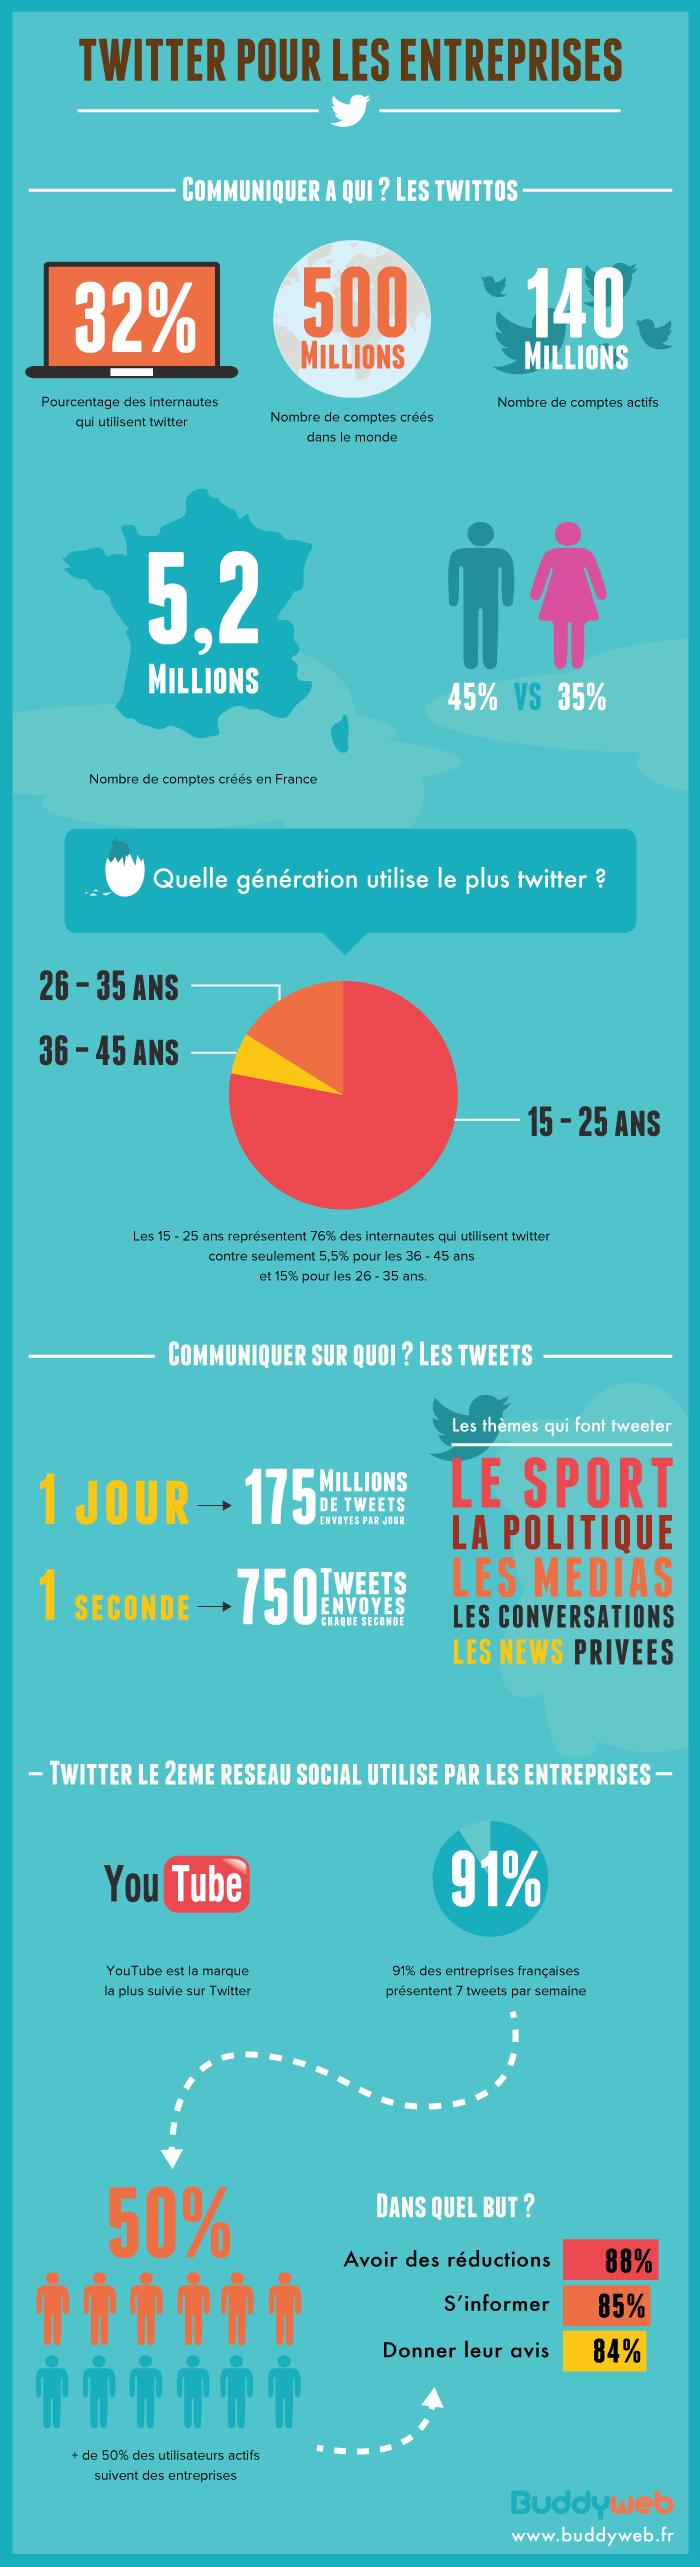 Infogrphie montrant des statistiques autour du réseau social Twitter